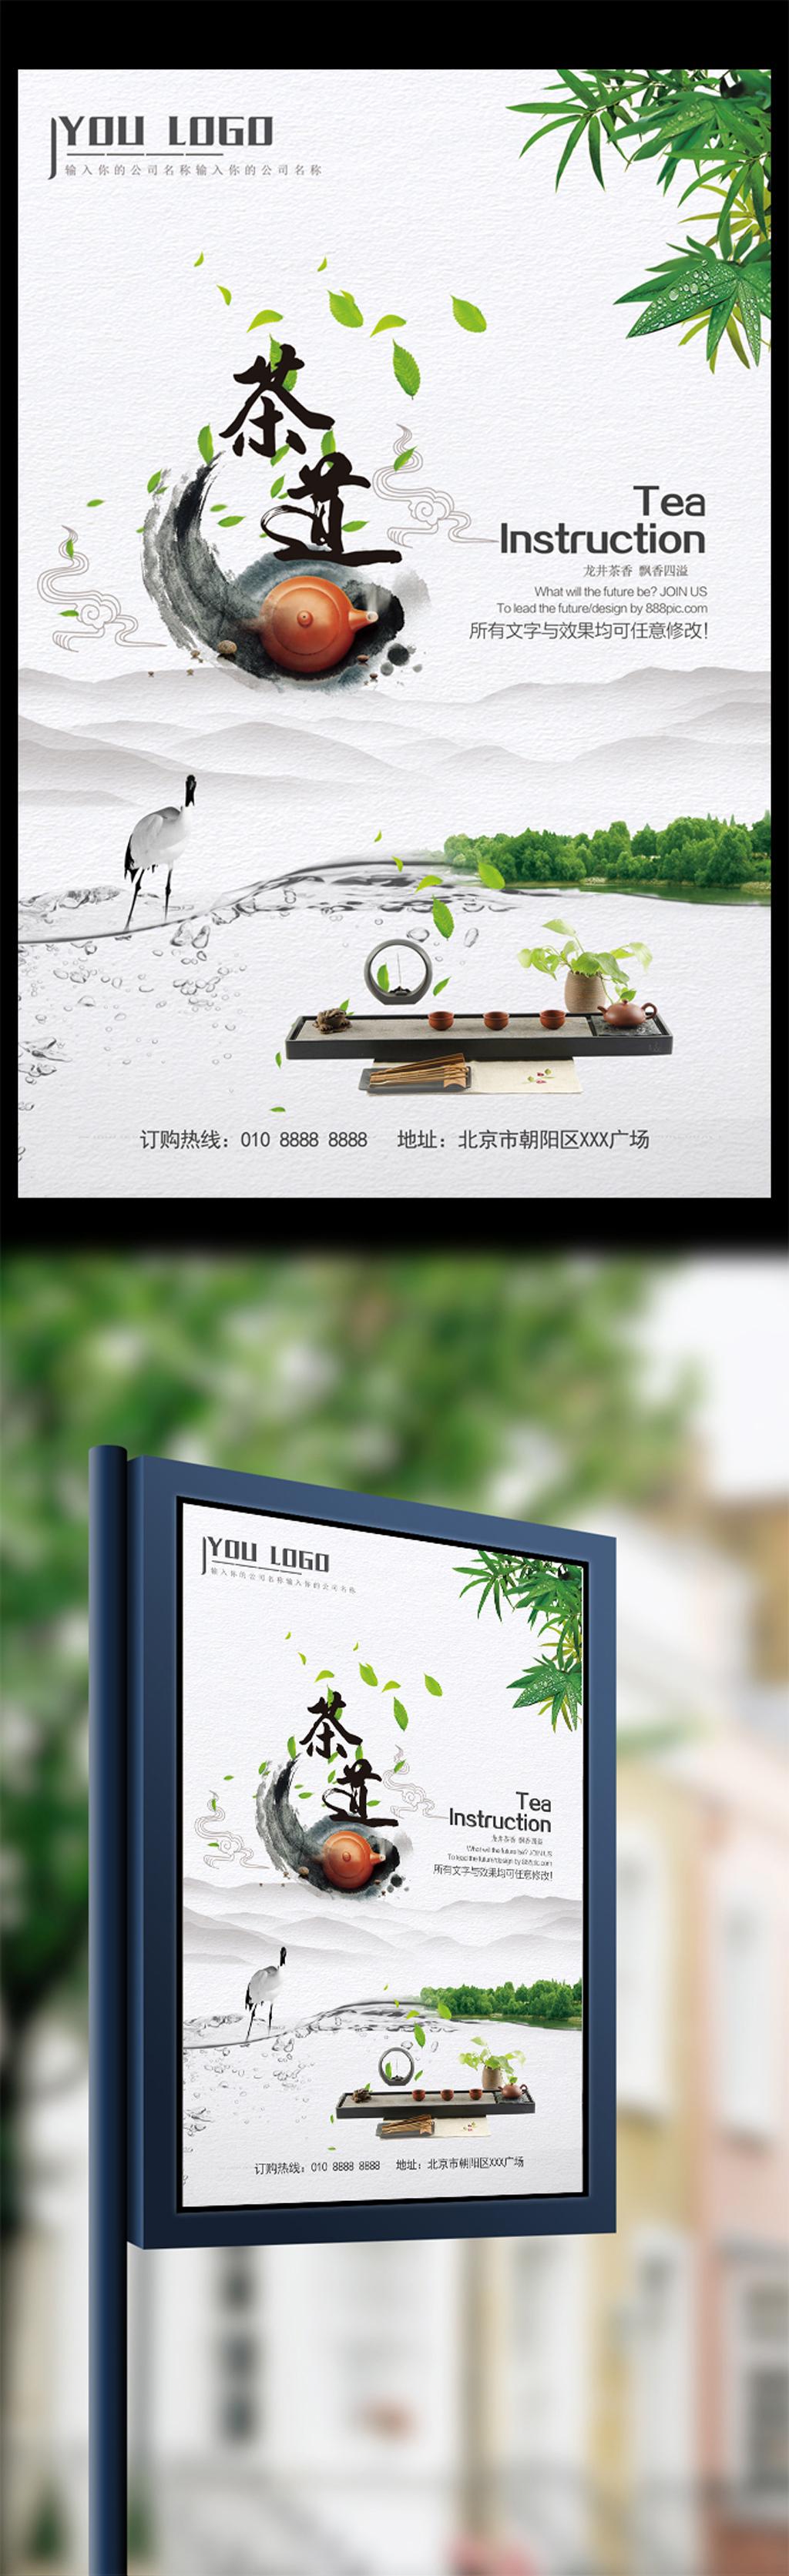 中国风茶道广告茶文化海报图片素材_中国风茶道广告茶